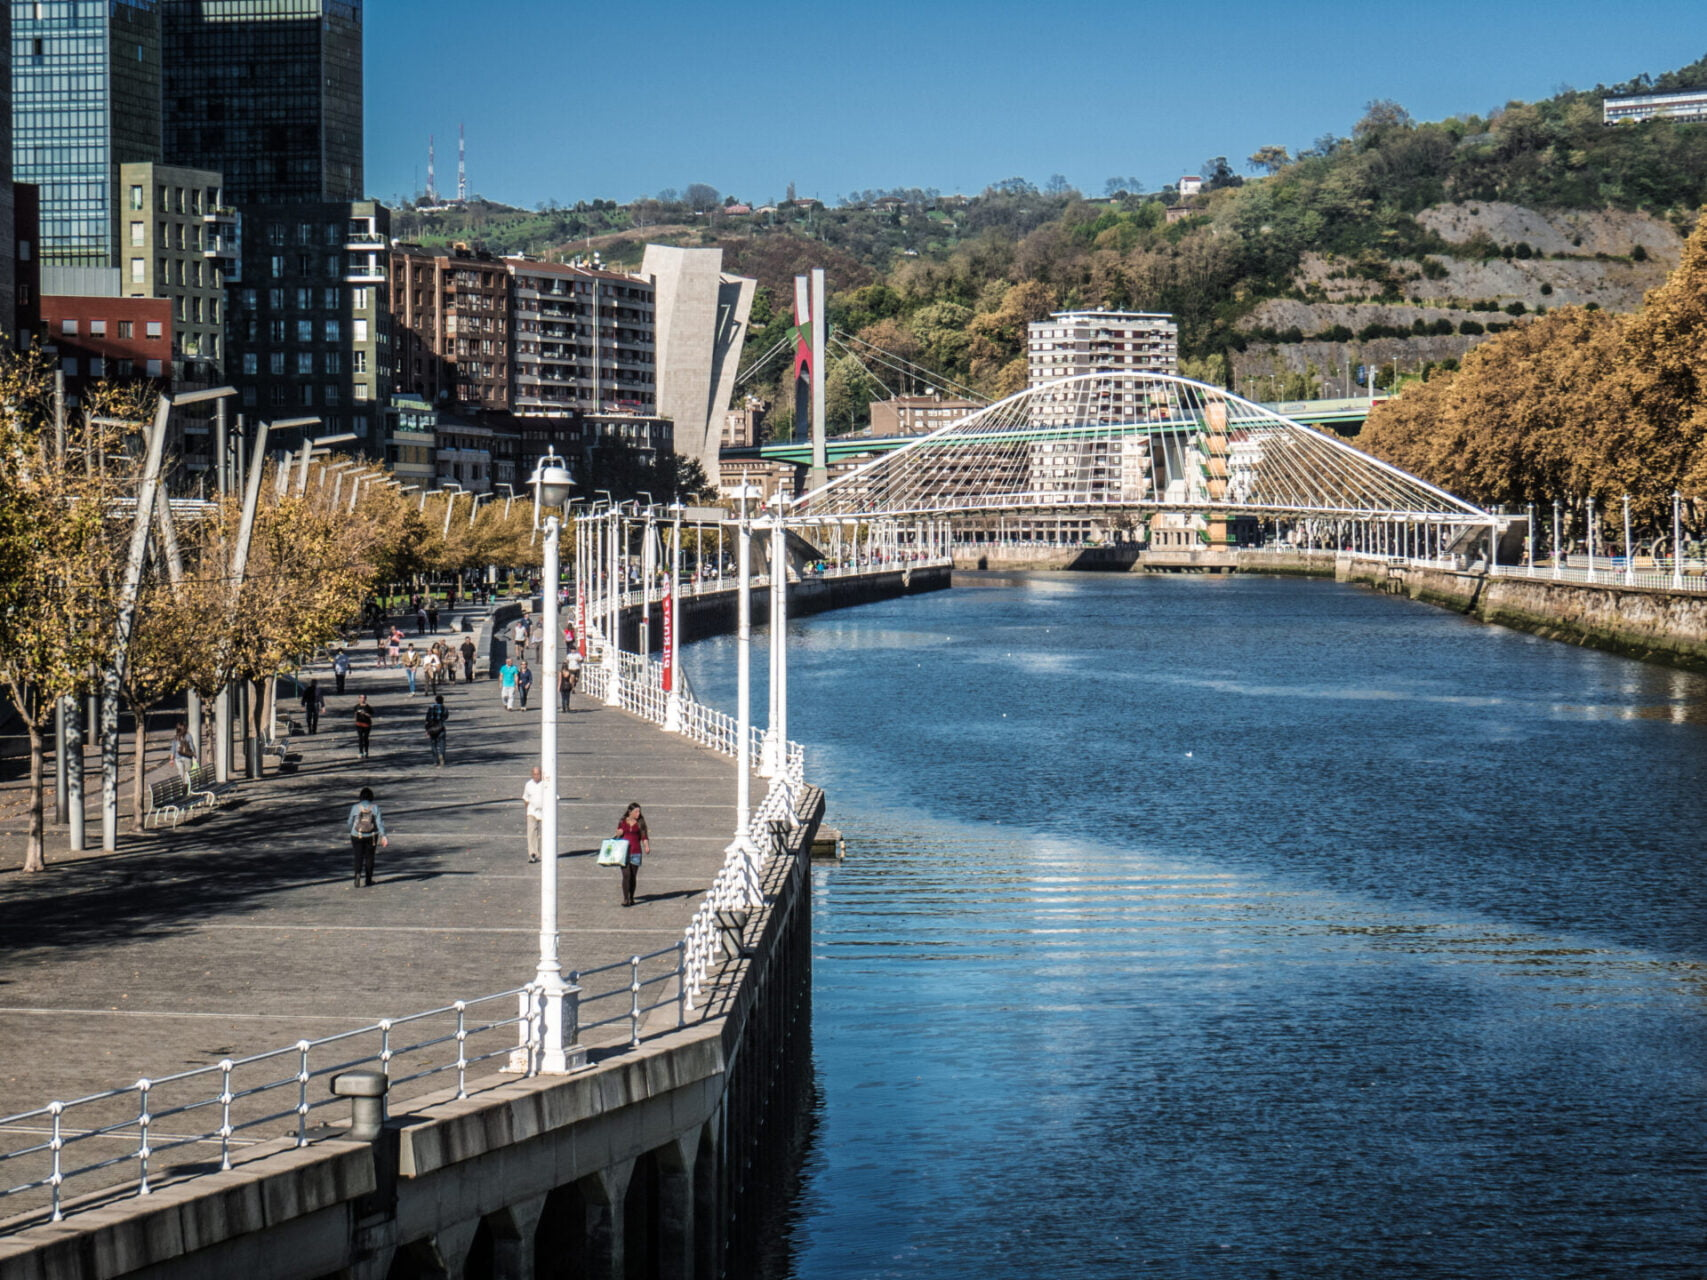 Via de Zibizuri van de ene naar de andere oever in Bilbao